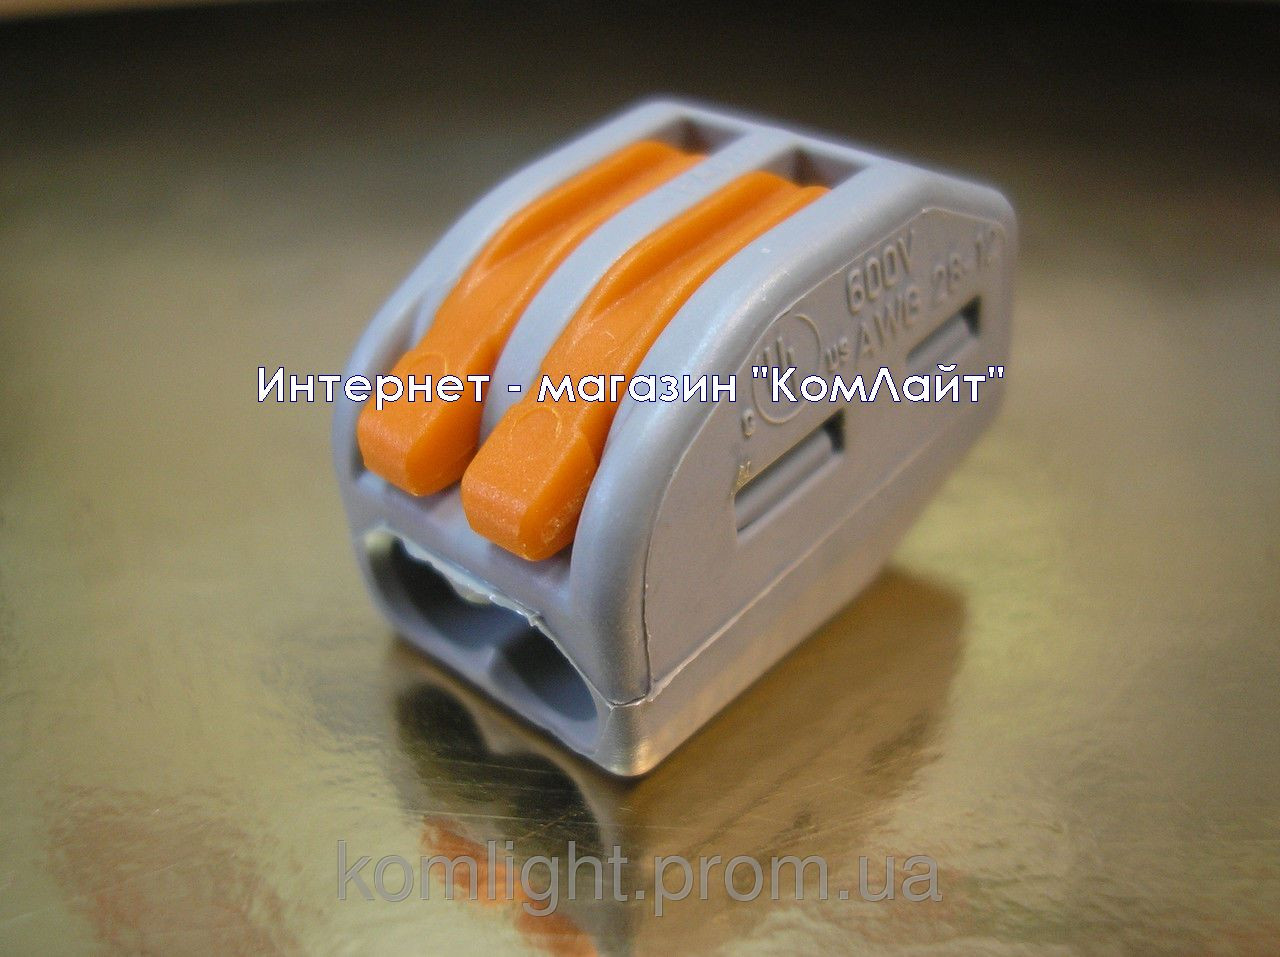 Клемма WAGO 222-412 на 2 контакта с рычажком 0,08-2,5мм (Германия)